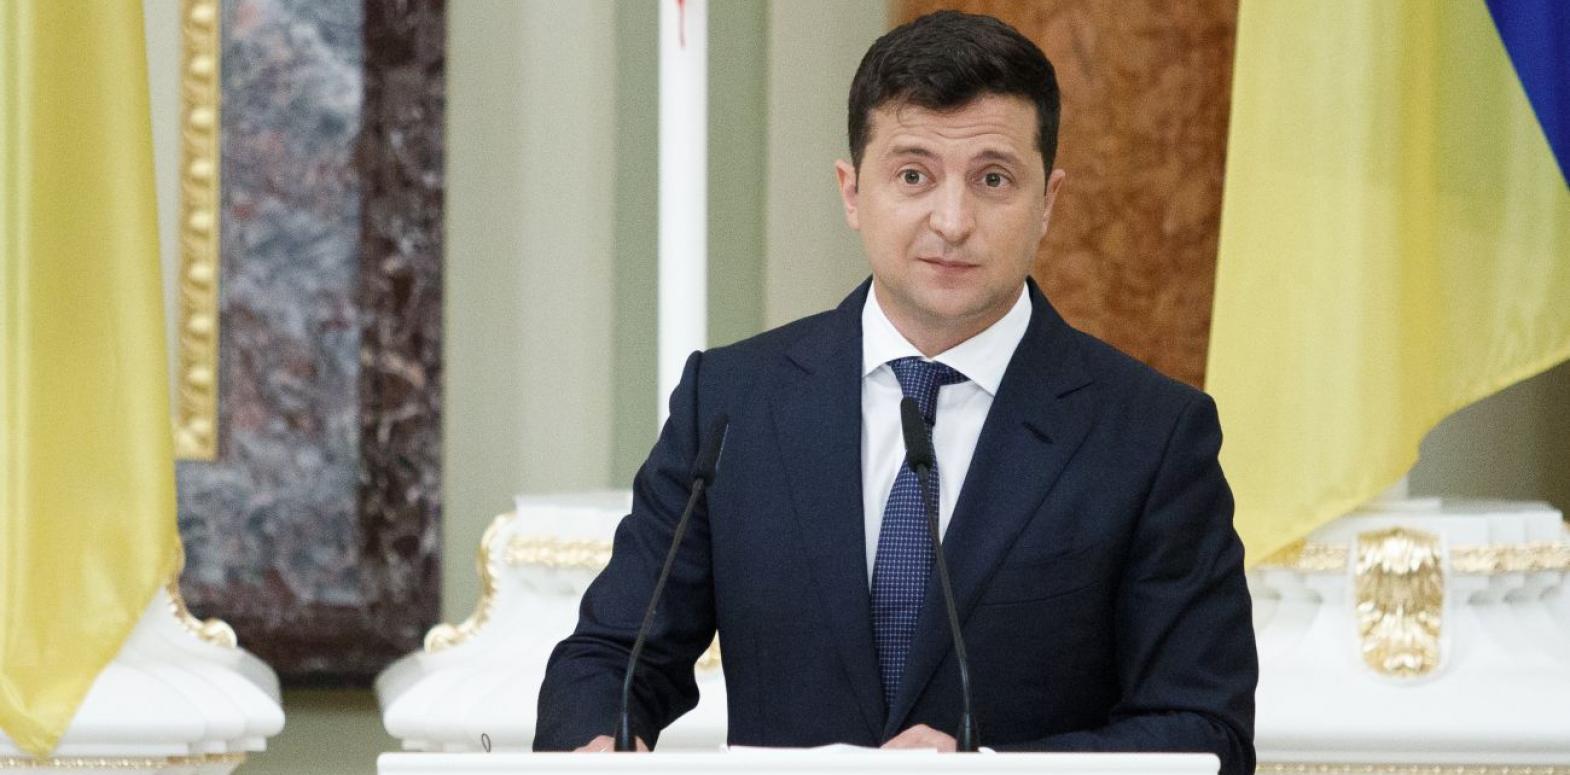 Минимальную зарплату в Украине повысят в три этапа до 6,5 тысяч гривен